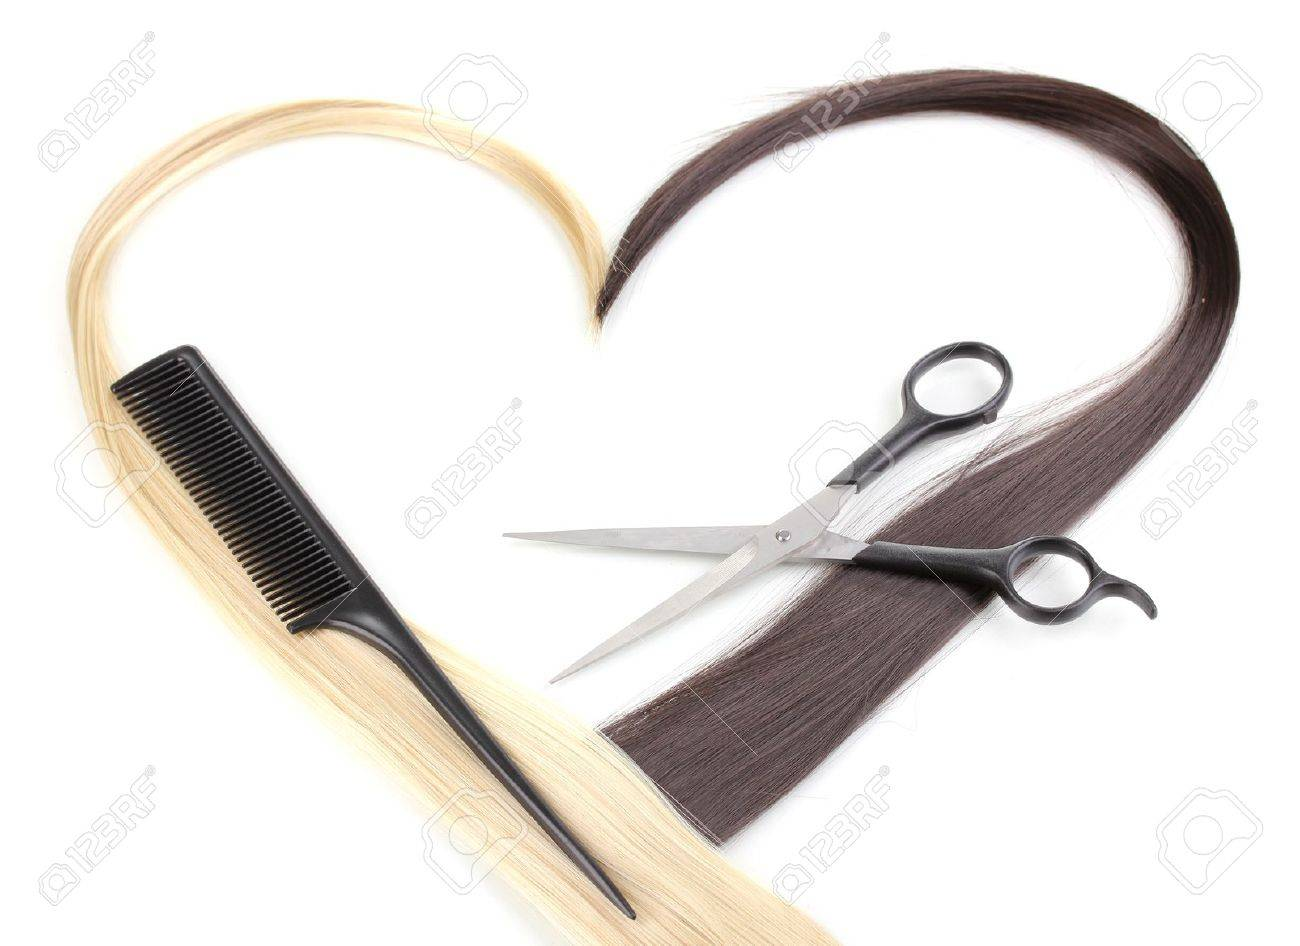 Ciseaux pour couper les cheveux